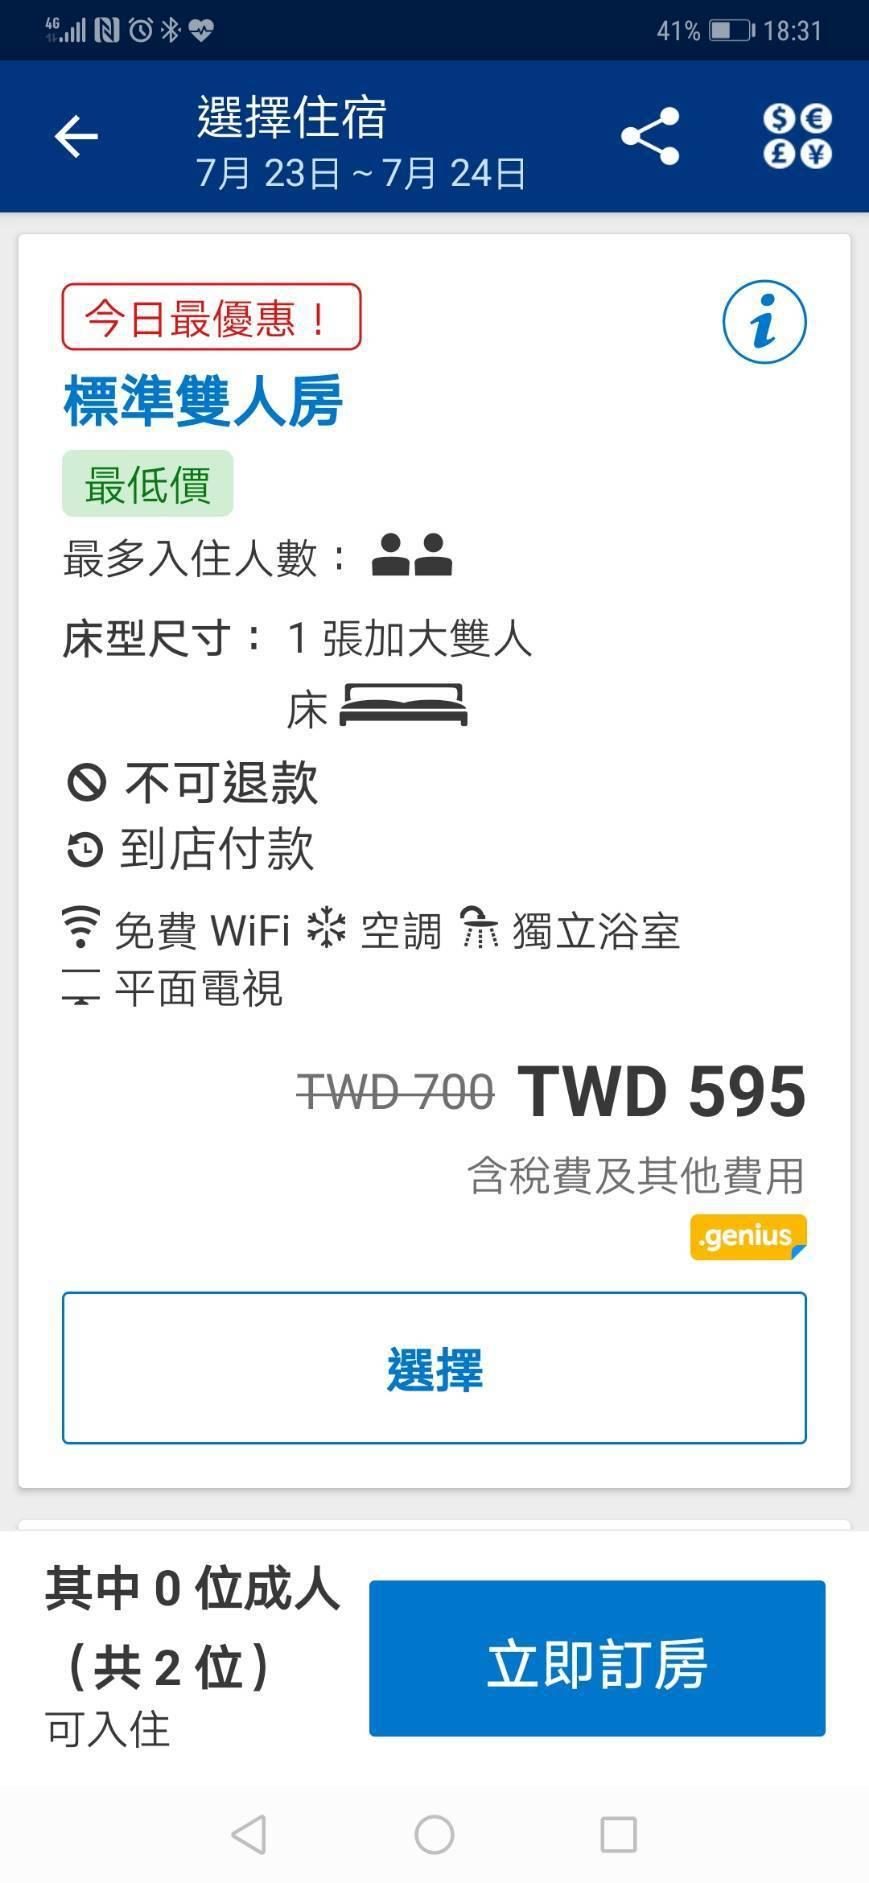 愛嬉遊青旅聯盟理事長葉集偉21日張貼一個房屋出租訊息,一個晚上只要595元,他痛...